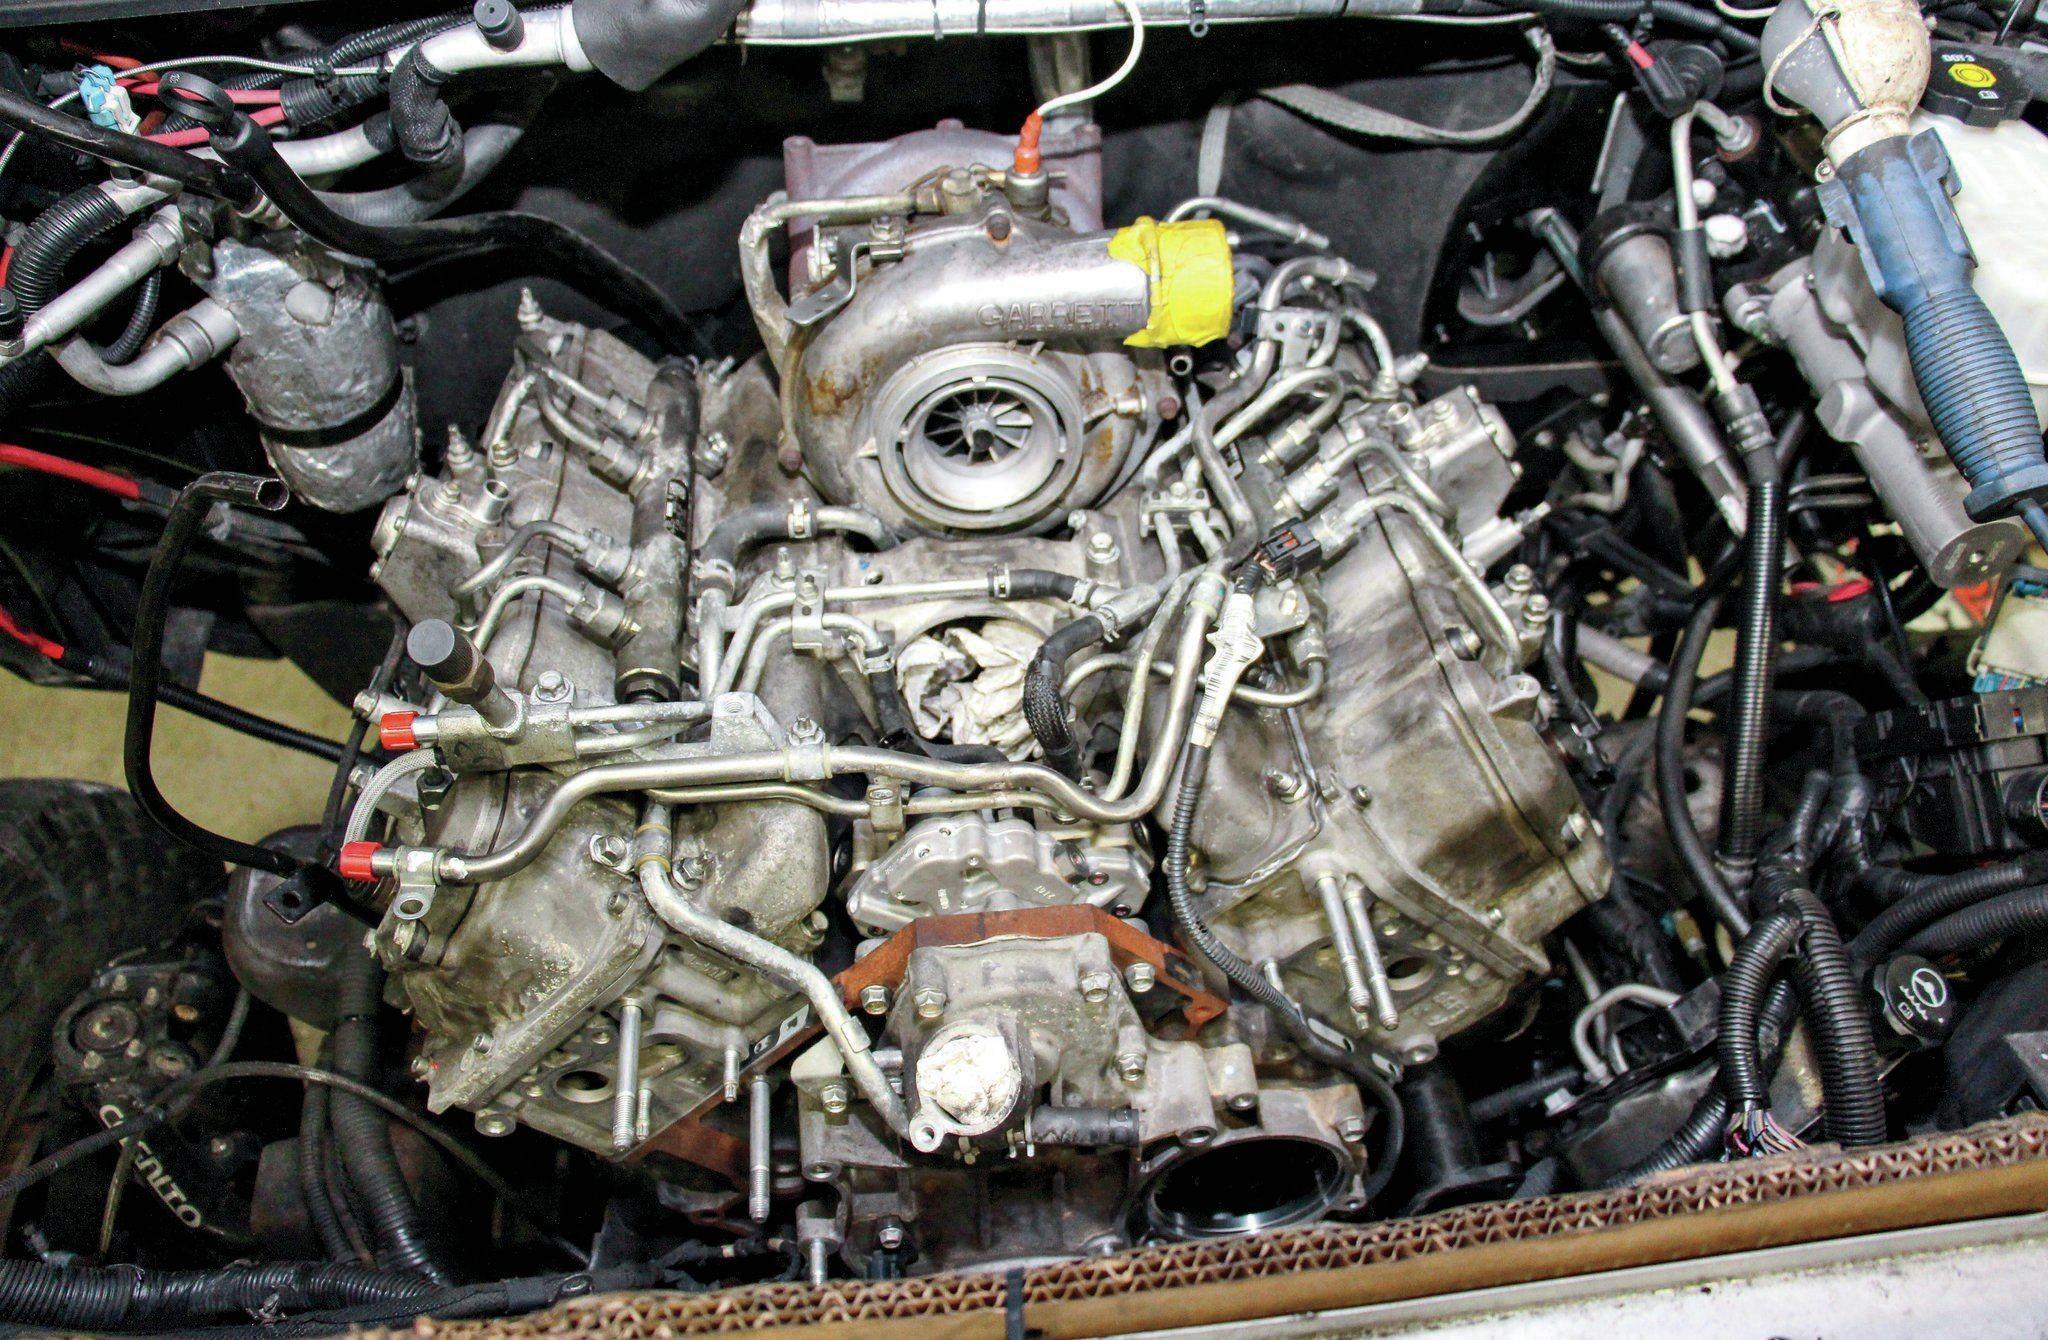 duramax diesel engine diagram my wiring diagram rh detoxicrecenze com 6.6 duramax engine diagram 2004 duramax engine diagram